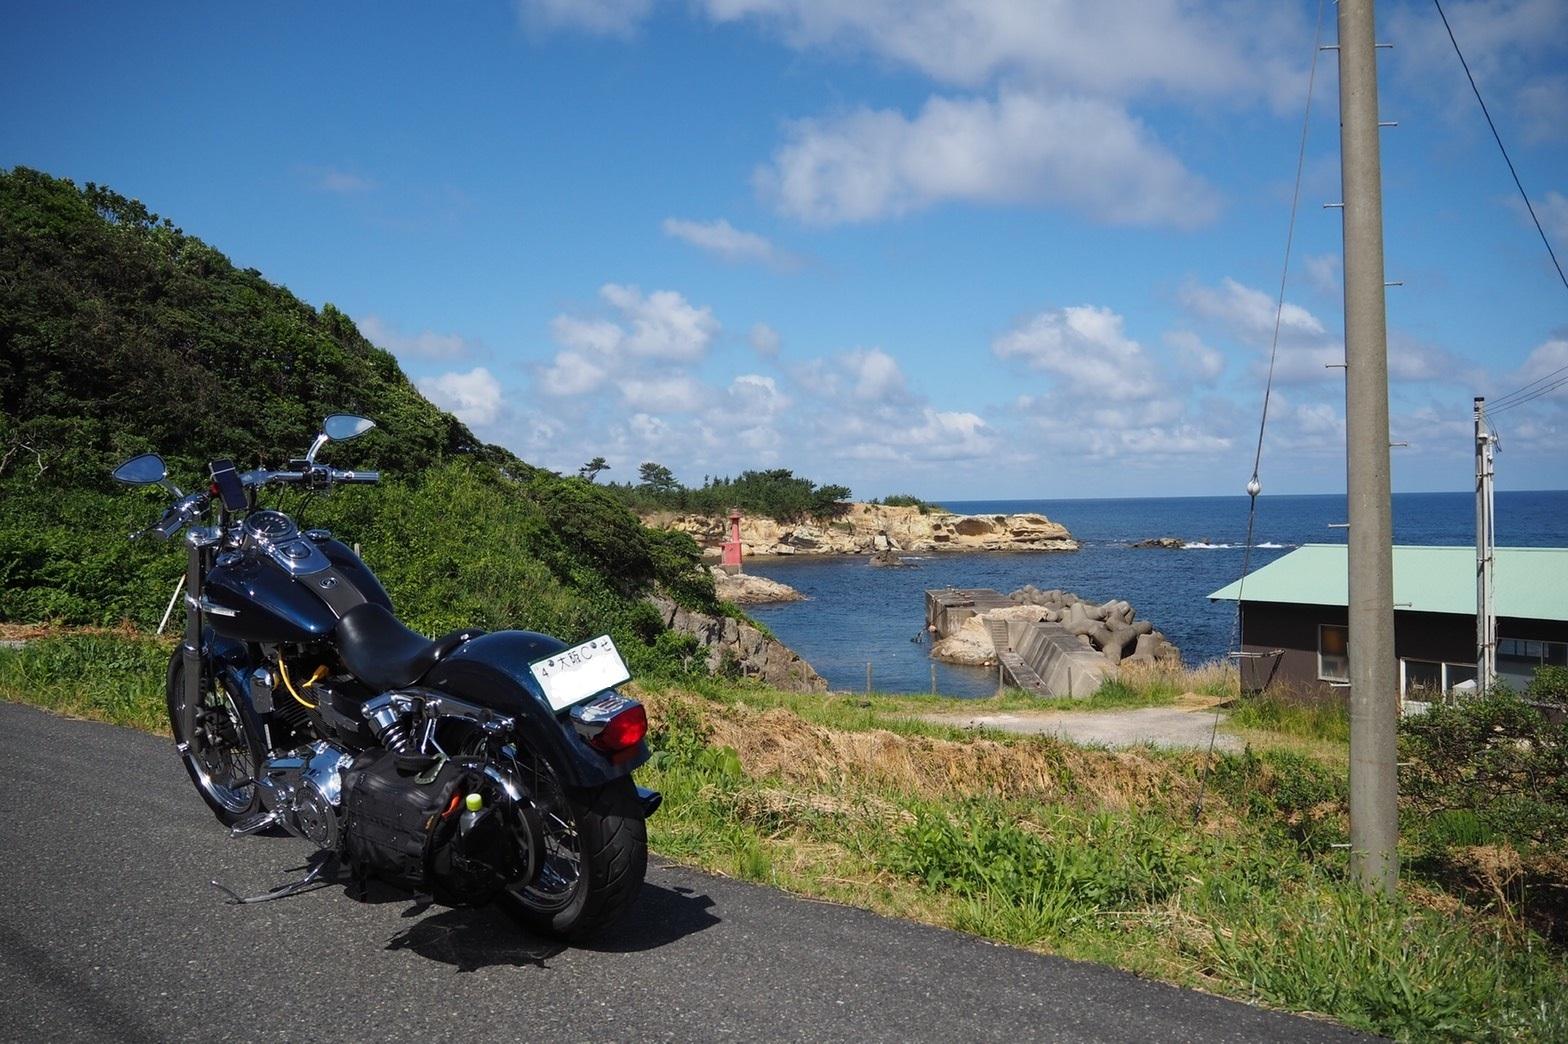 ぴーきち&ダイナ ハーレーブログ 京都丹後半島ツーリンング 灯台と磯